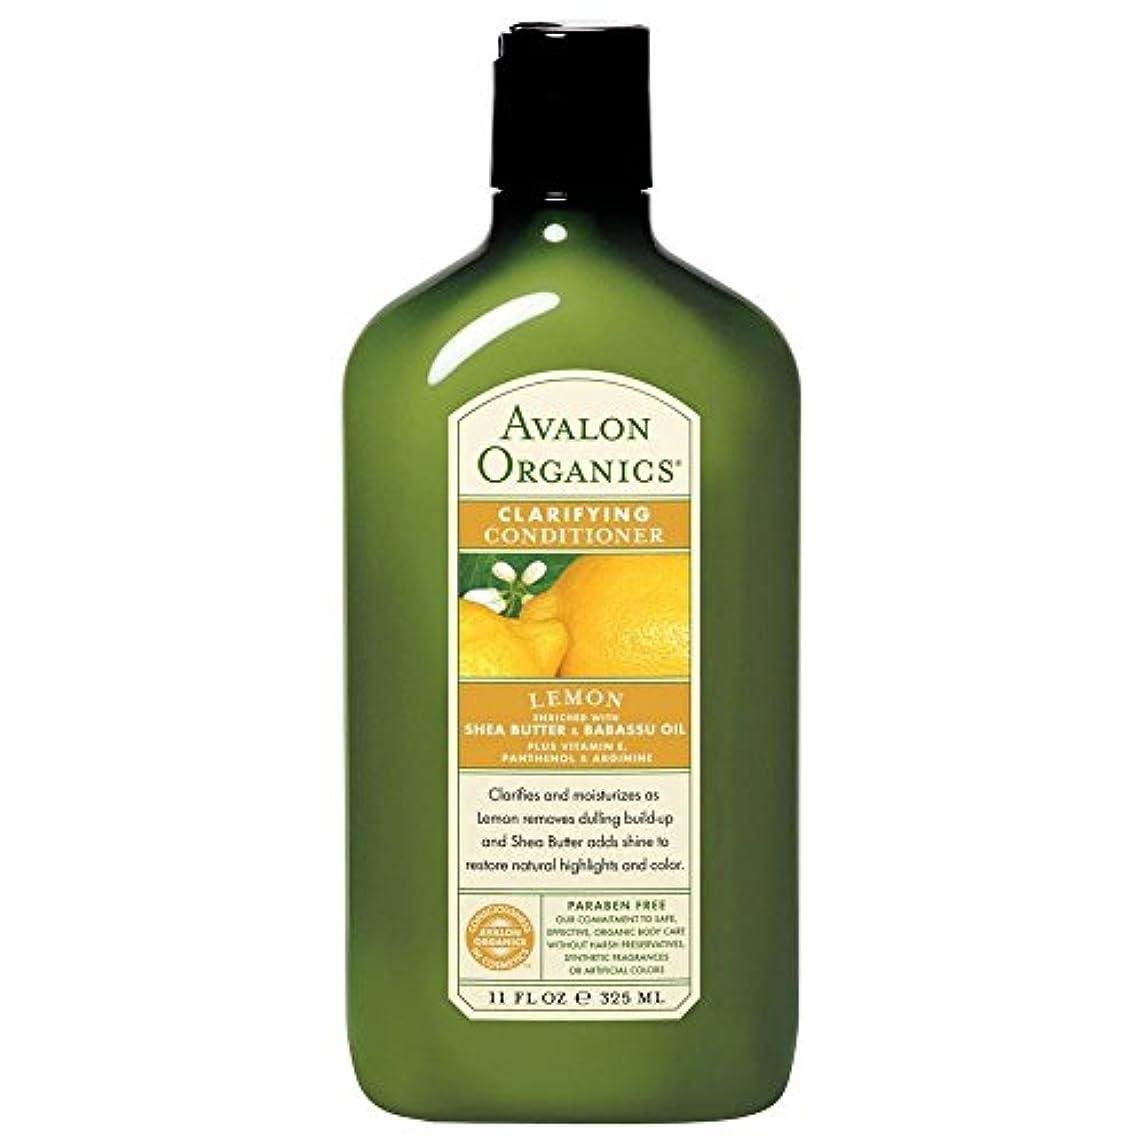 繰り返す政府私の[Avalon ] コンディショナーを明確にアバロンの有機物 - レモン(325ミリリットル) - Avalon Organics Clarifying Conditioner - Lemon (325ml) [並行輸入品]